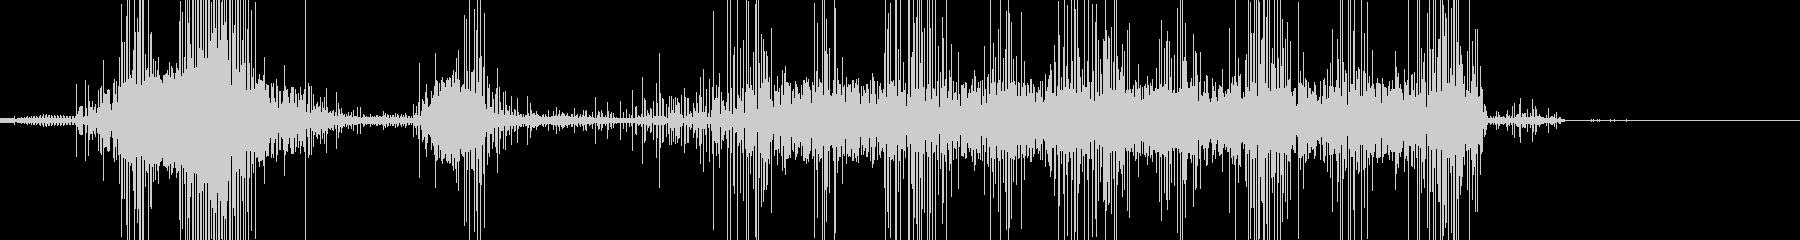 電気ノイズ01の未再生の波形